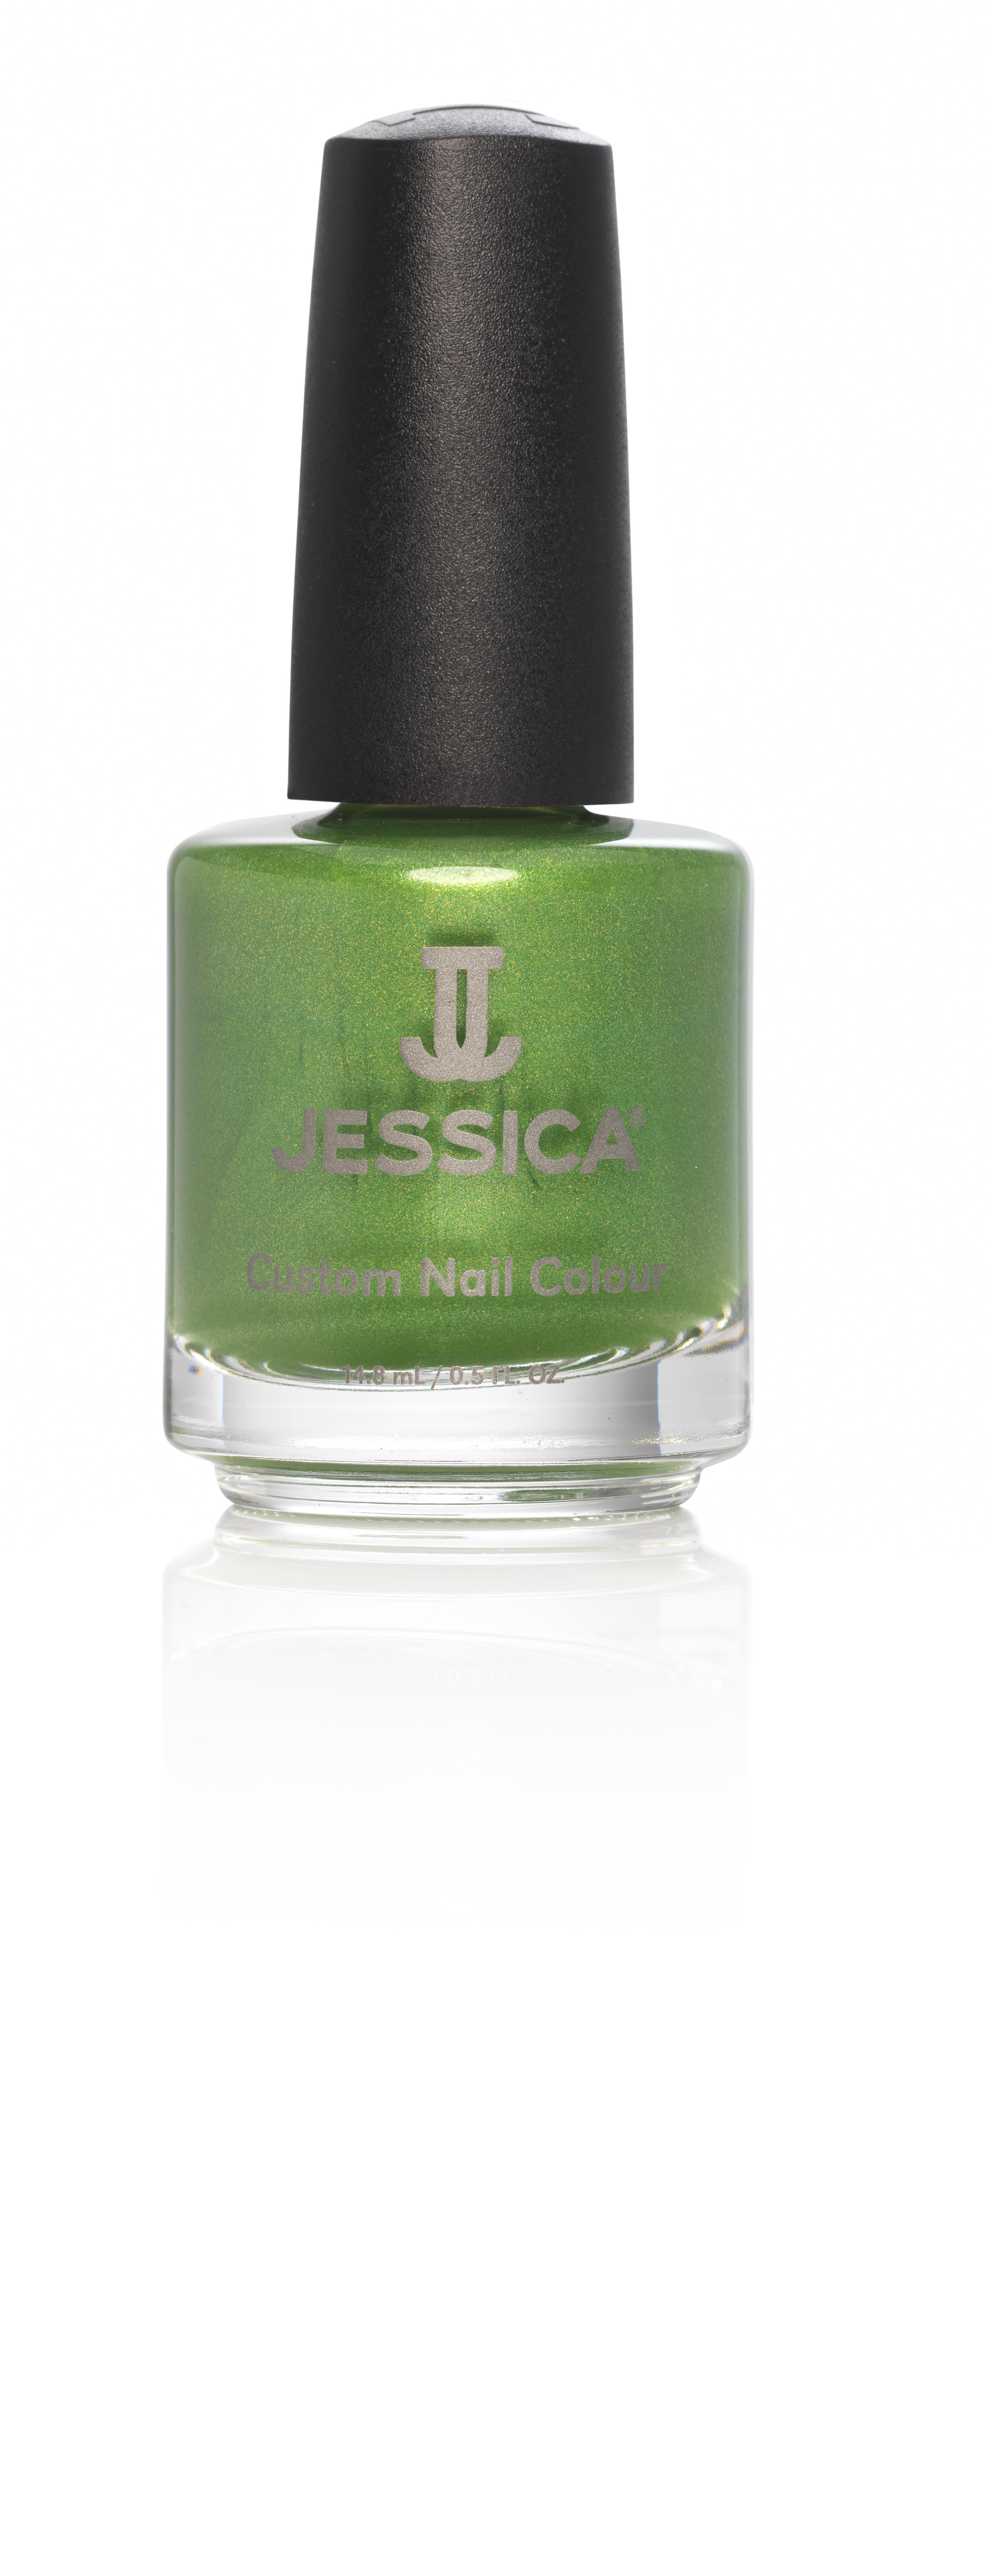 Jessica Лак для ногтей 949 Bollywood Bold 14,8 мл230230Лаки JESSICA содержат витамины A, Д и Е, обеспечивают дополнительную защиту ногтей и усиливают терапевтическое воздействие базовых средств и средств-корректоров.